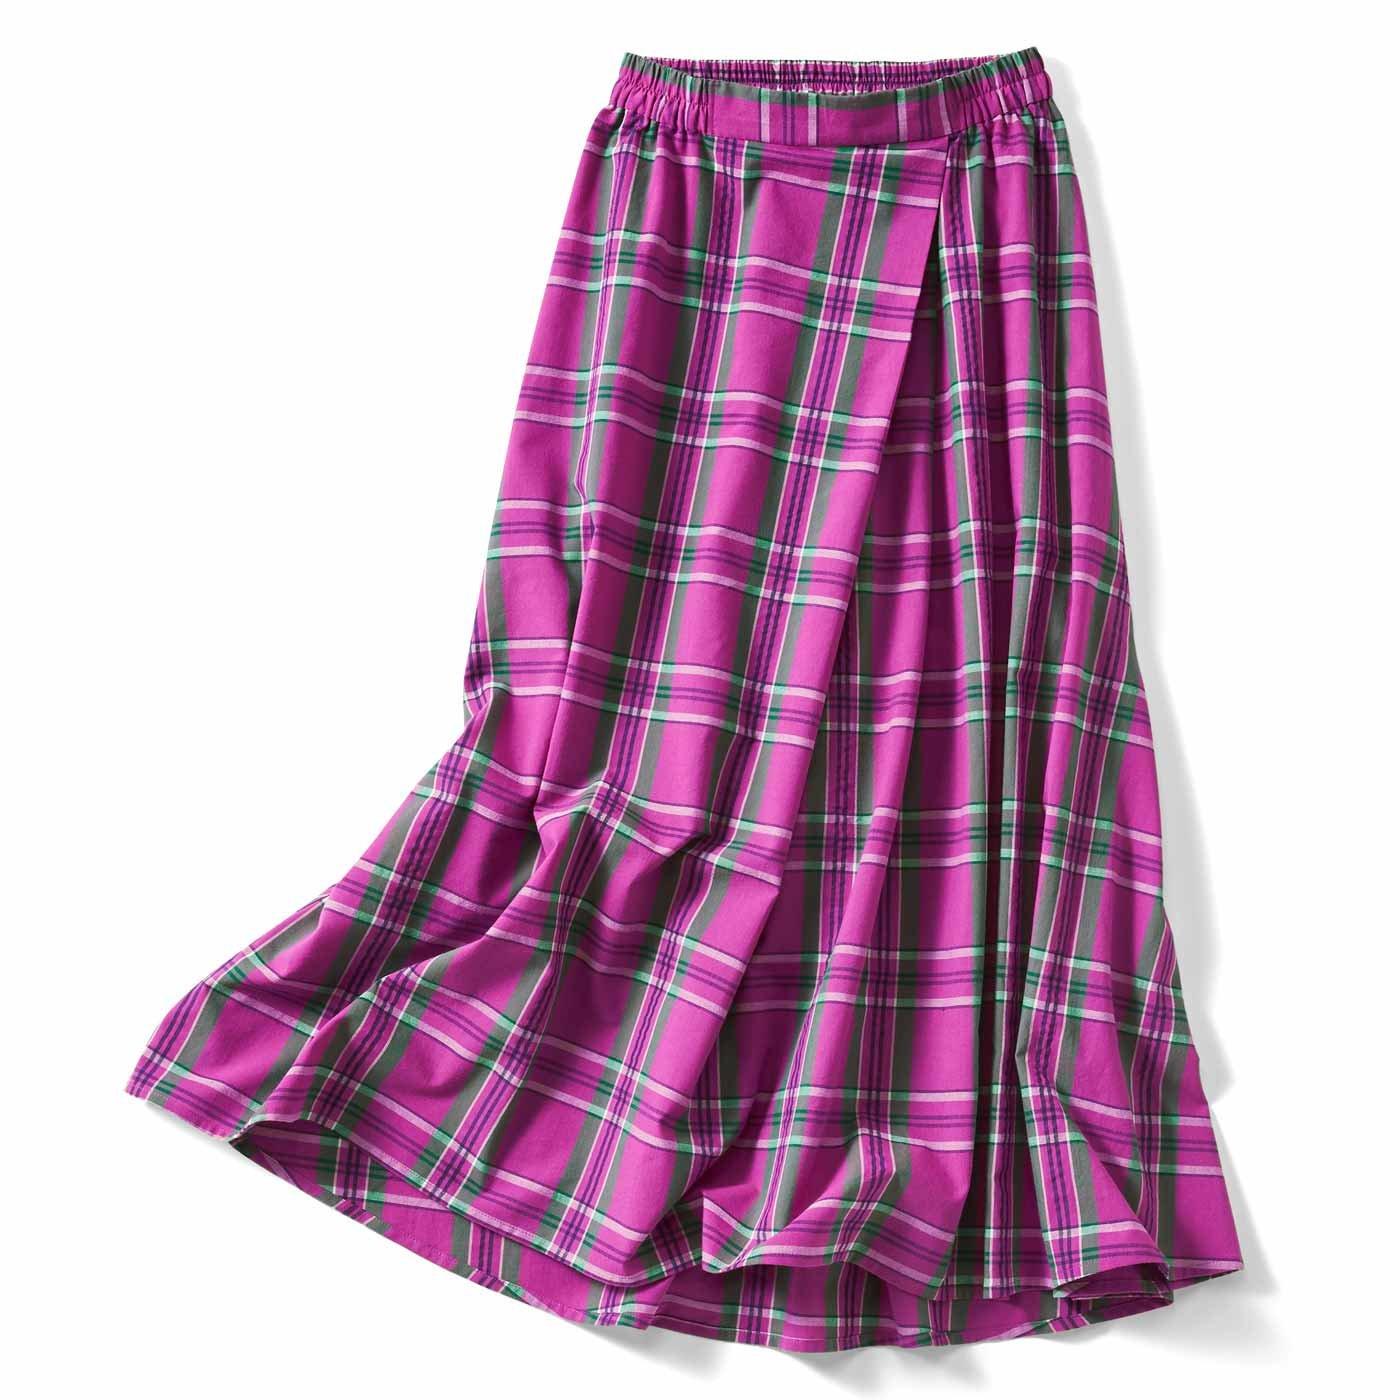 IEDIT[イディット] 大人チェック柄のフレアーロングスカート〈パープルピンク〉